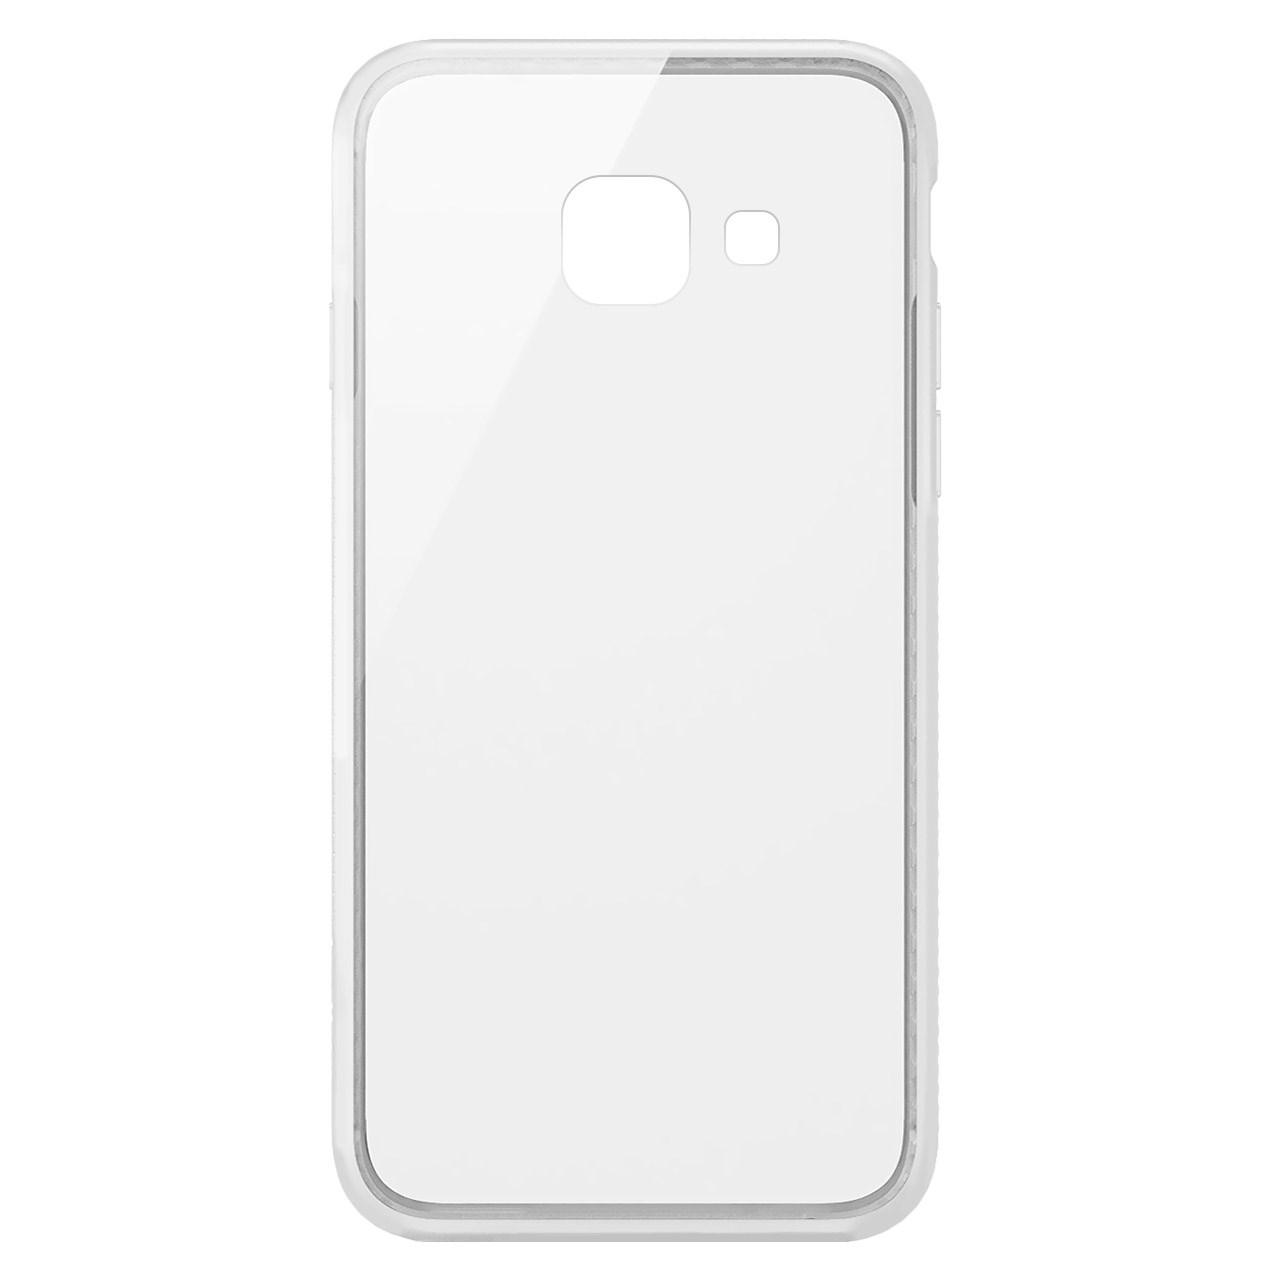 کاور مدل ClearTPU مناسب برای گوشی موبایل سامسونگ A5 2016